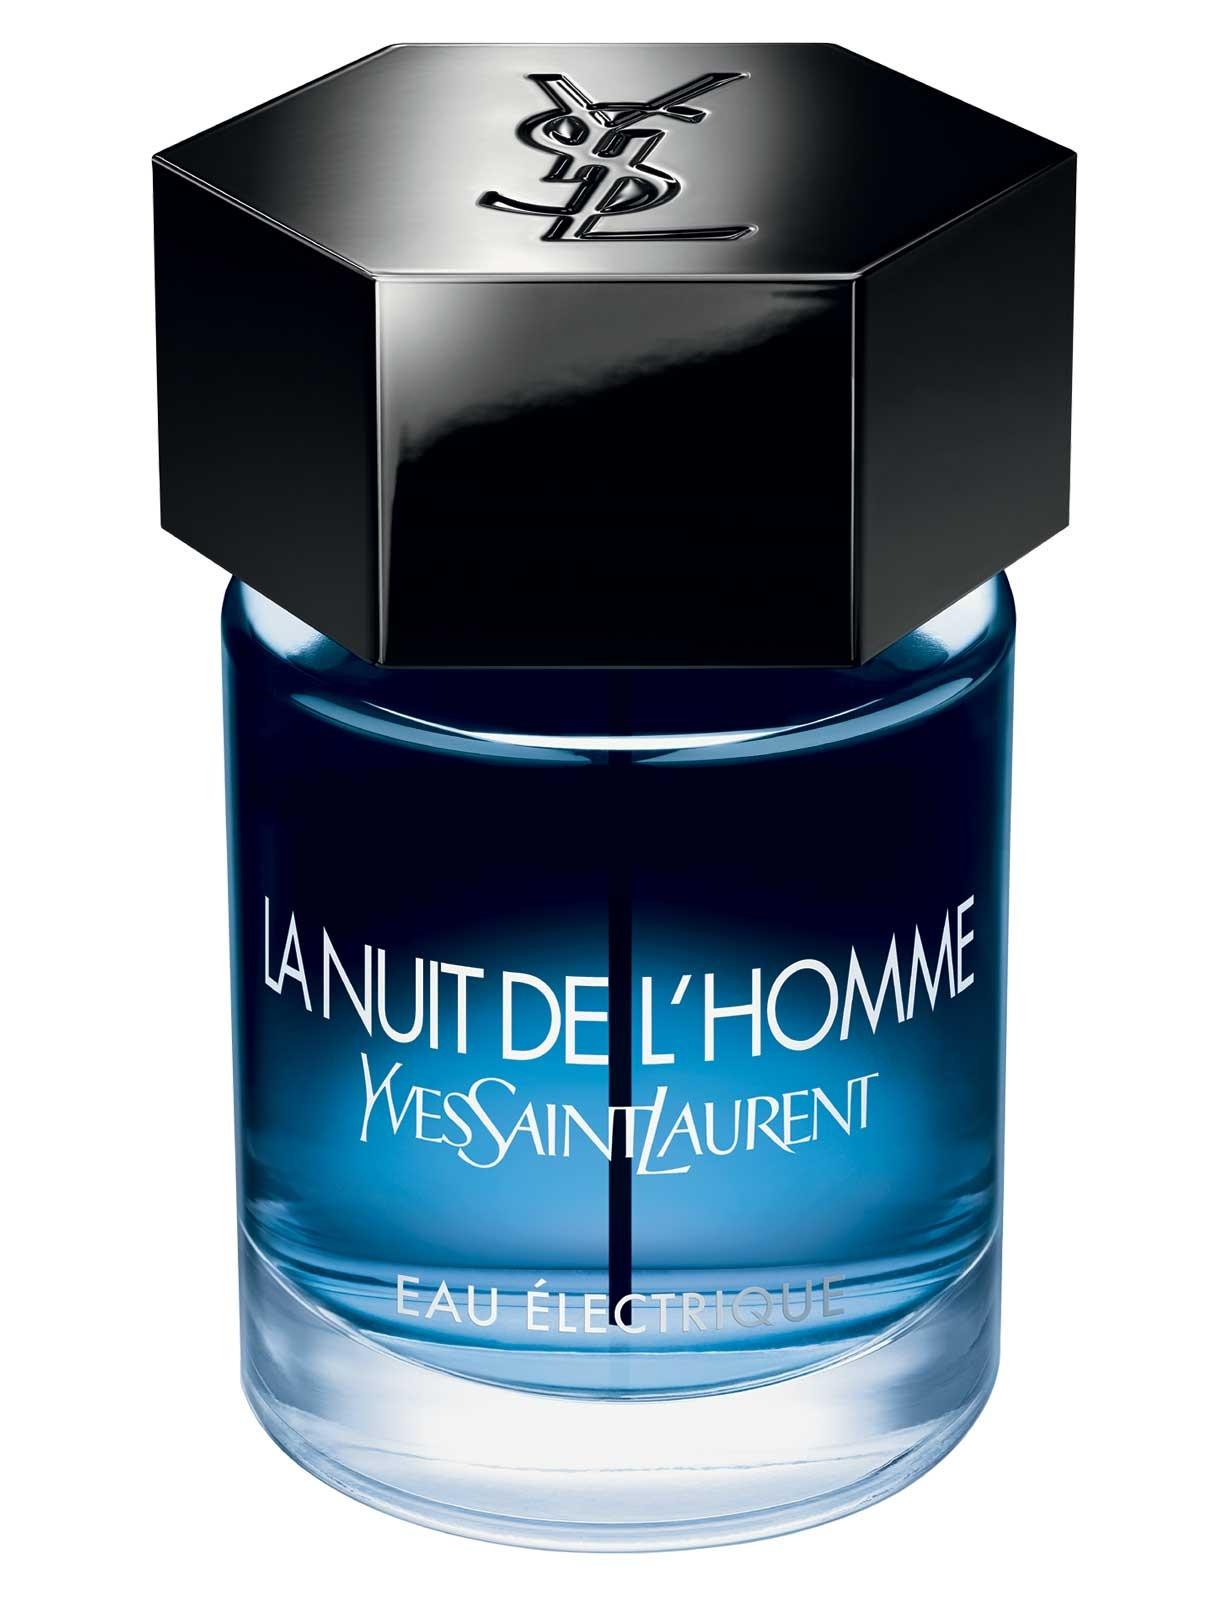 Yves Saint Laurent La Nuit De L Homme Eau Electrique toaletní voda pro muže